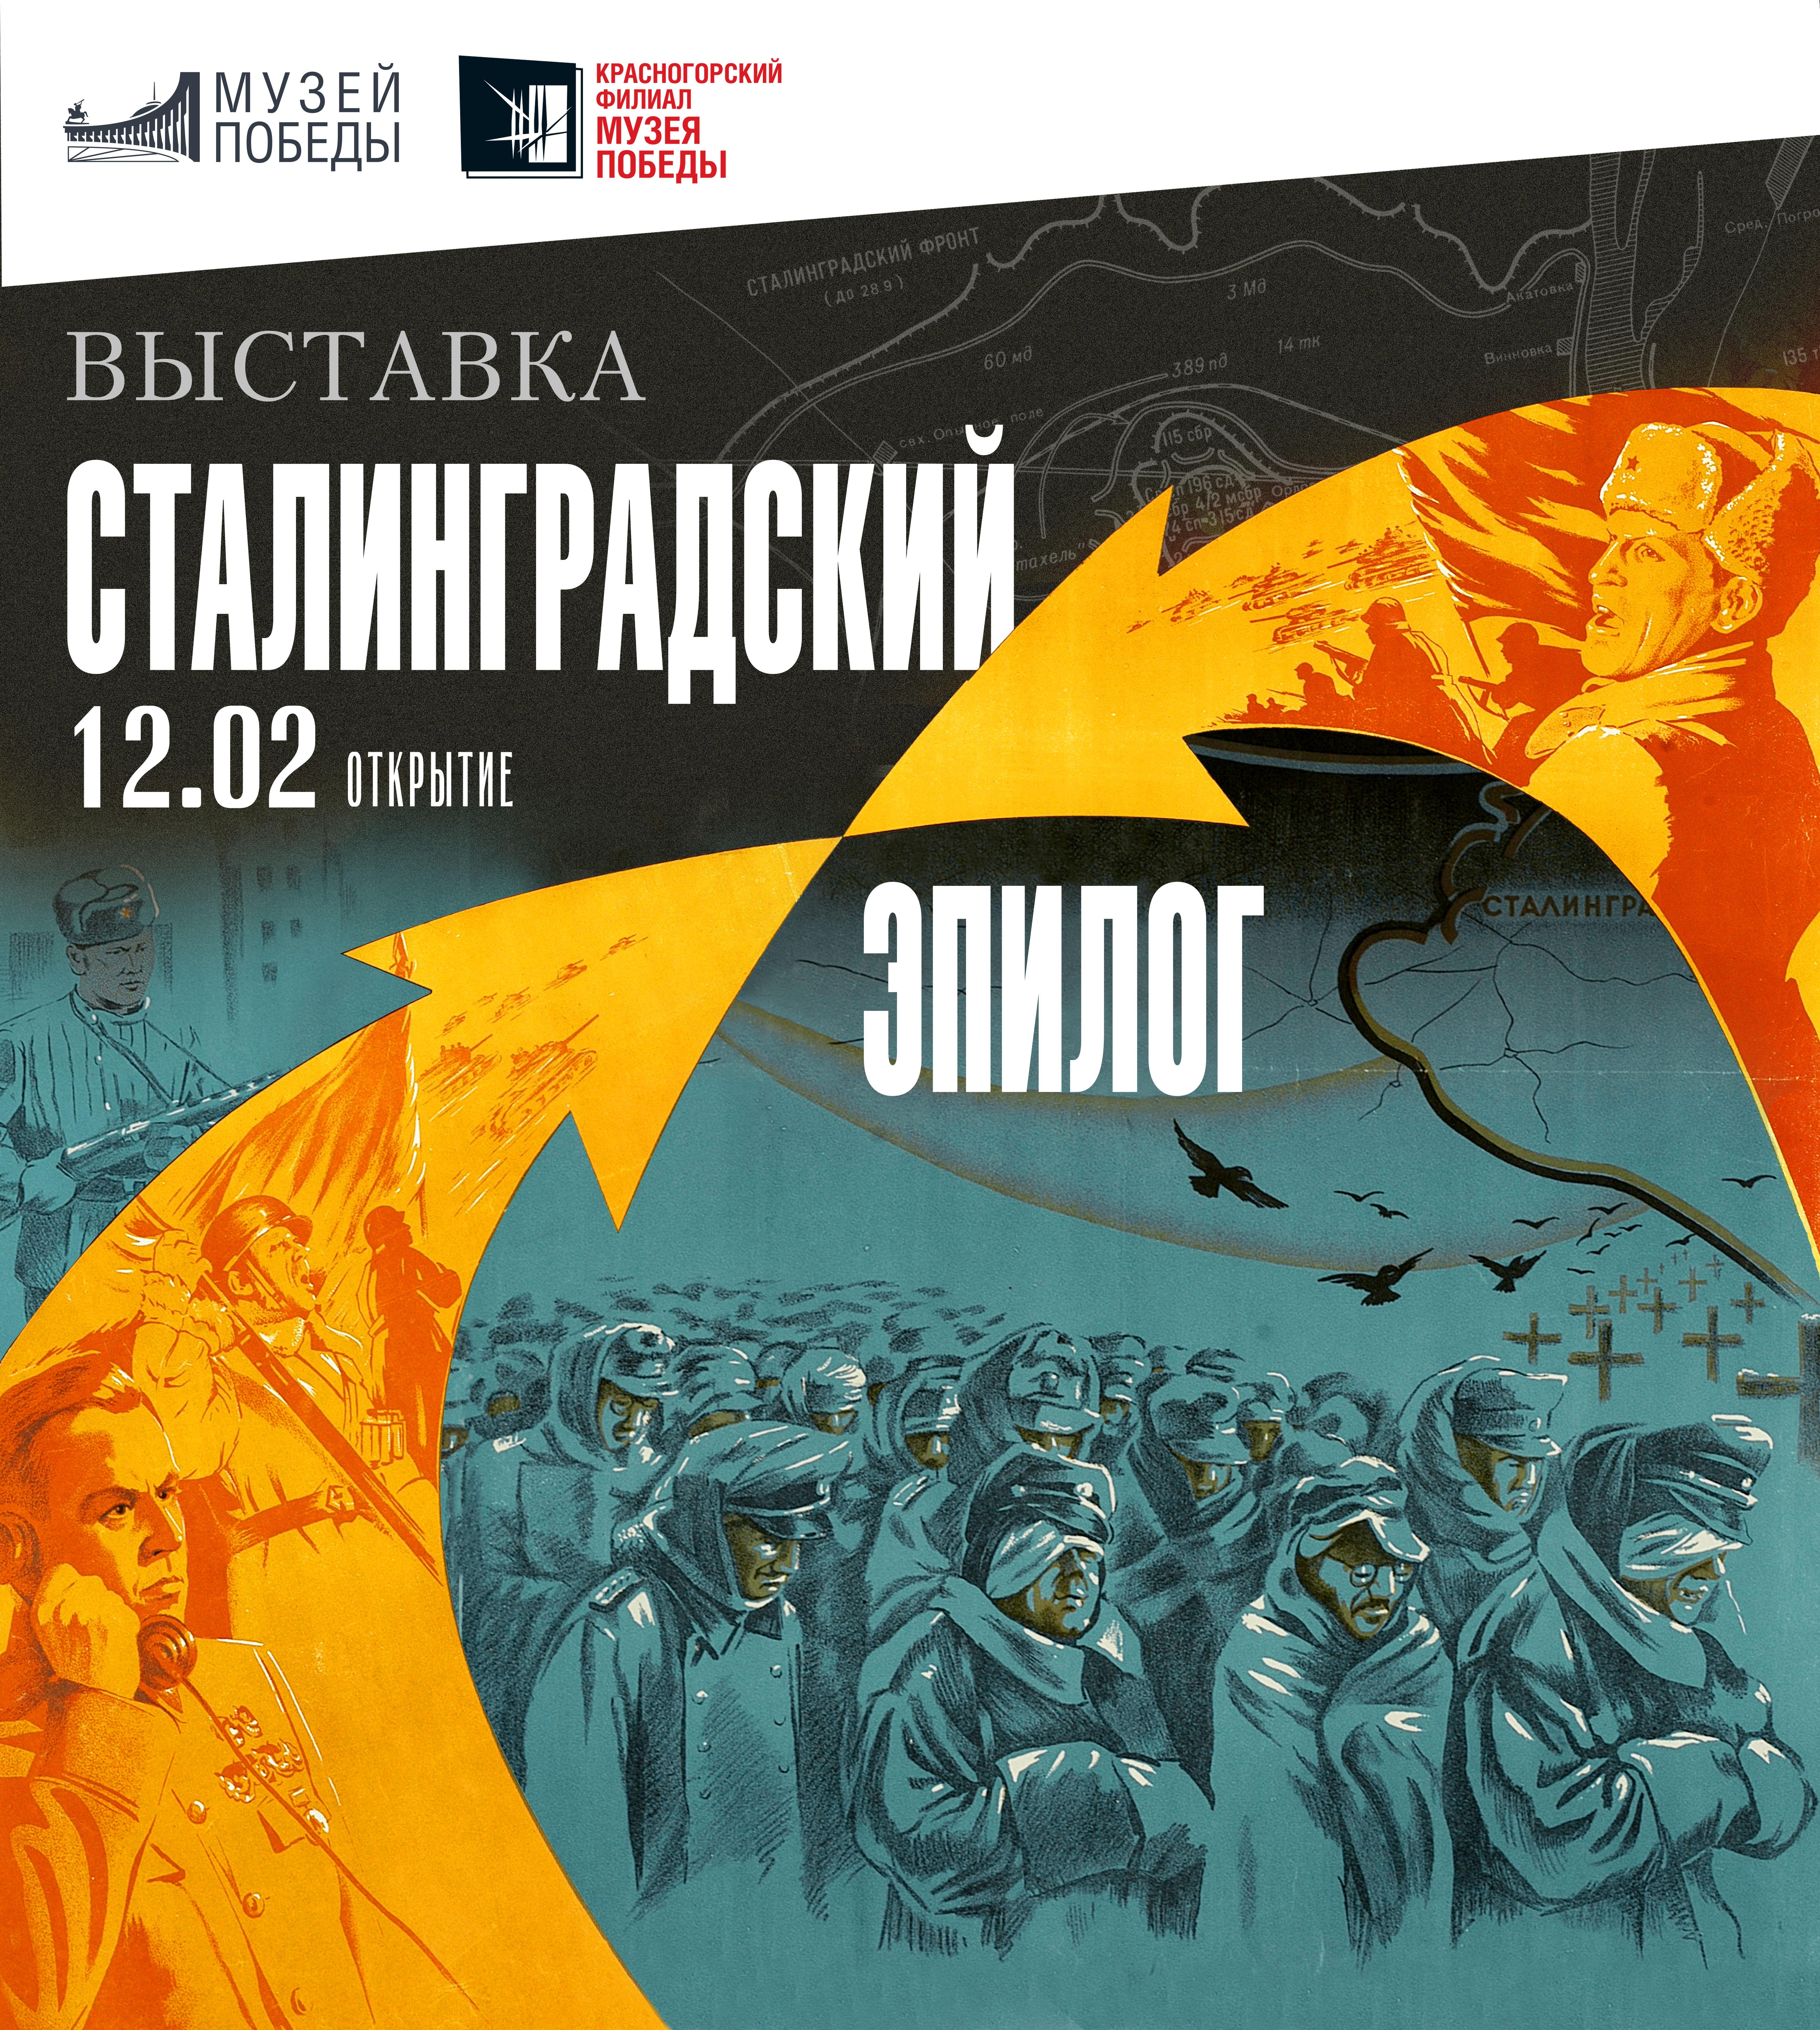 Экспозиция, посвященная эпилогу Сталинградской битвы, стартует в Красногорске